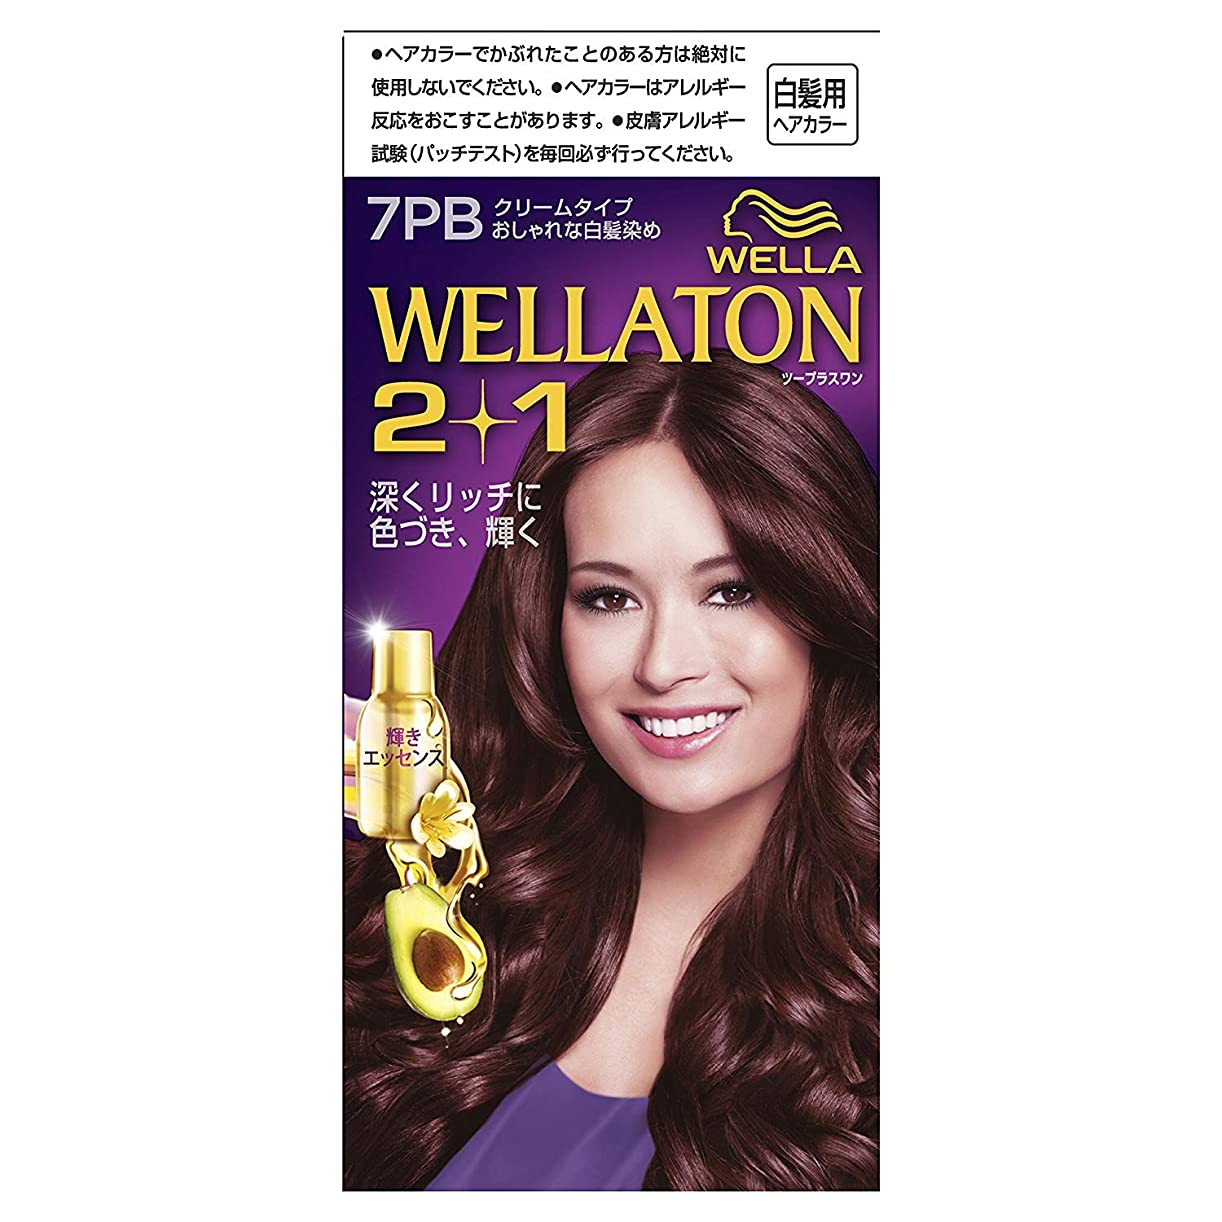 実験室できた疲労ウエラトーン2+1 白髪染め クリームタイプ 7PB [医薬部外品] ×6個